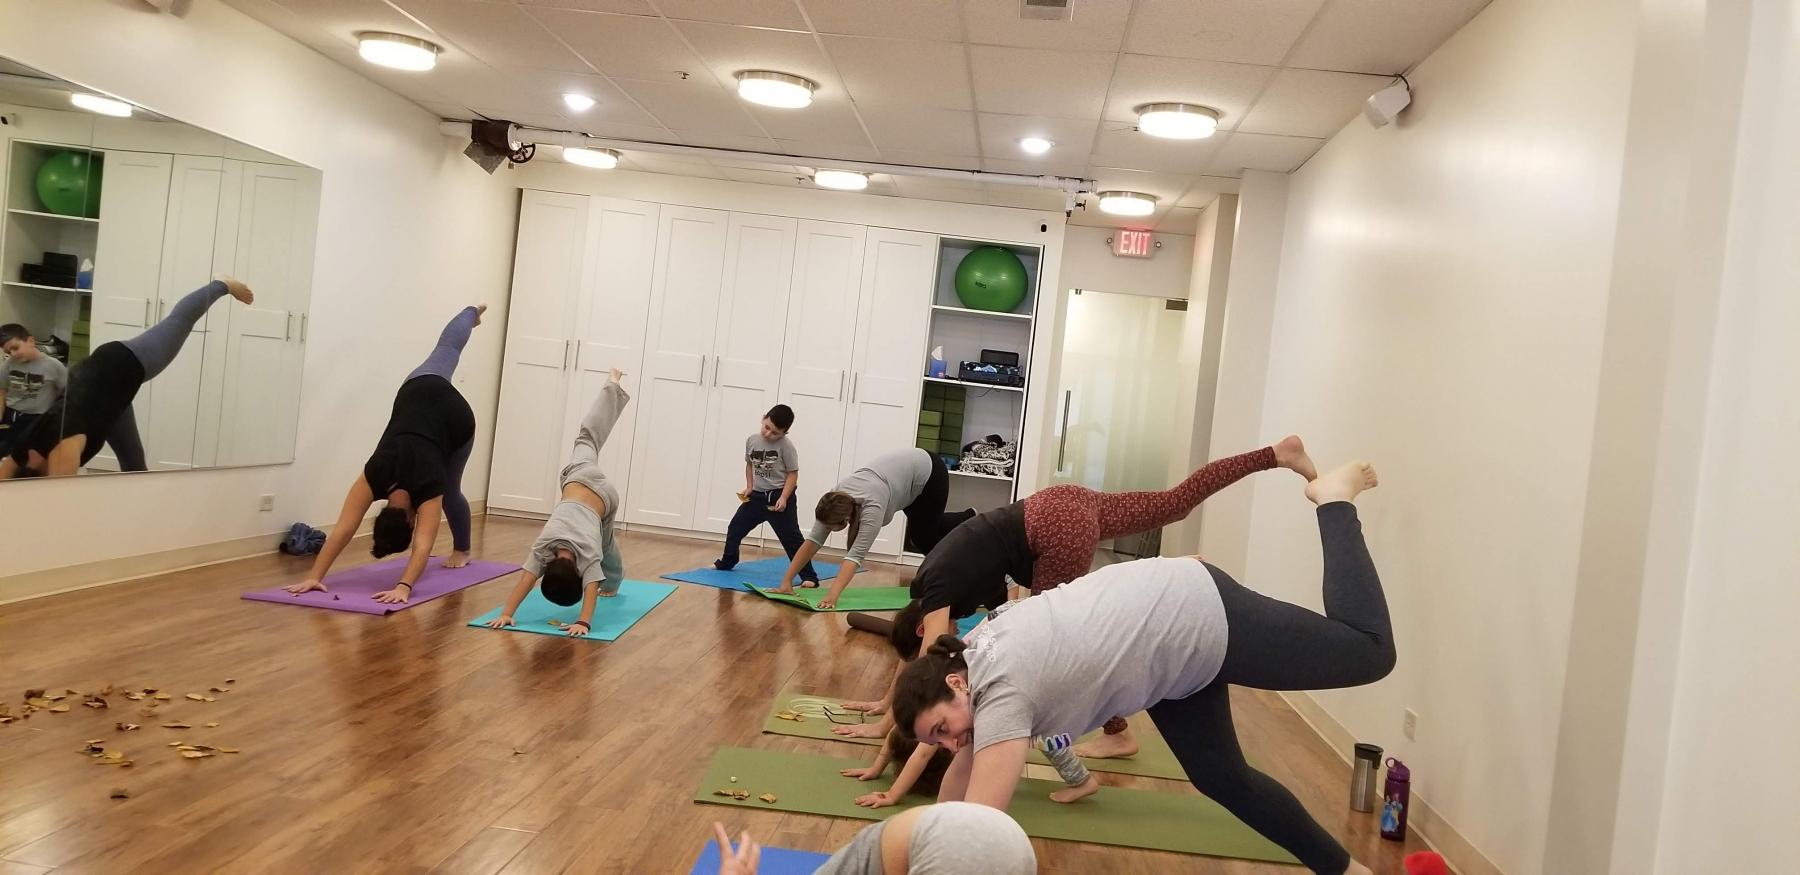 Yoga for Kids - Evolve Yoga & Fitness Chicago